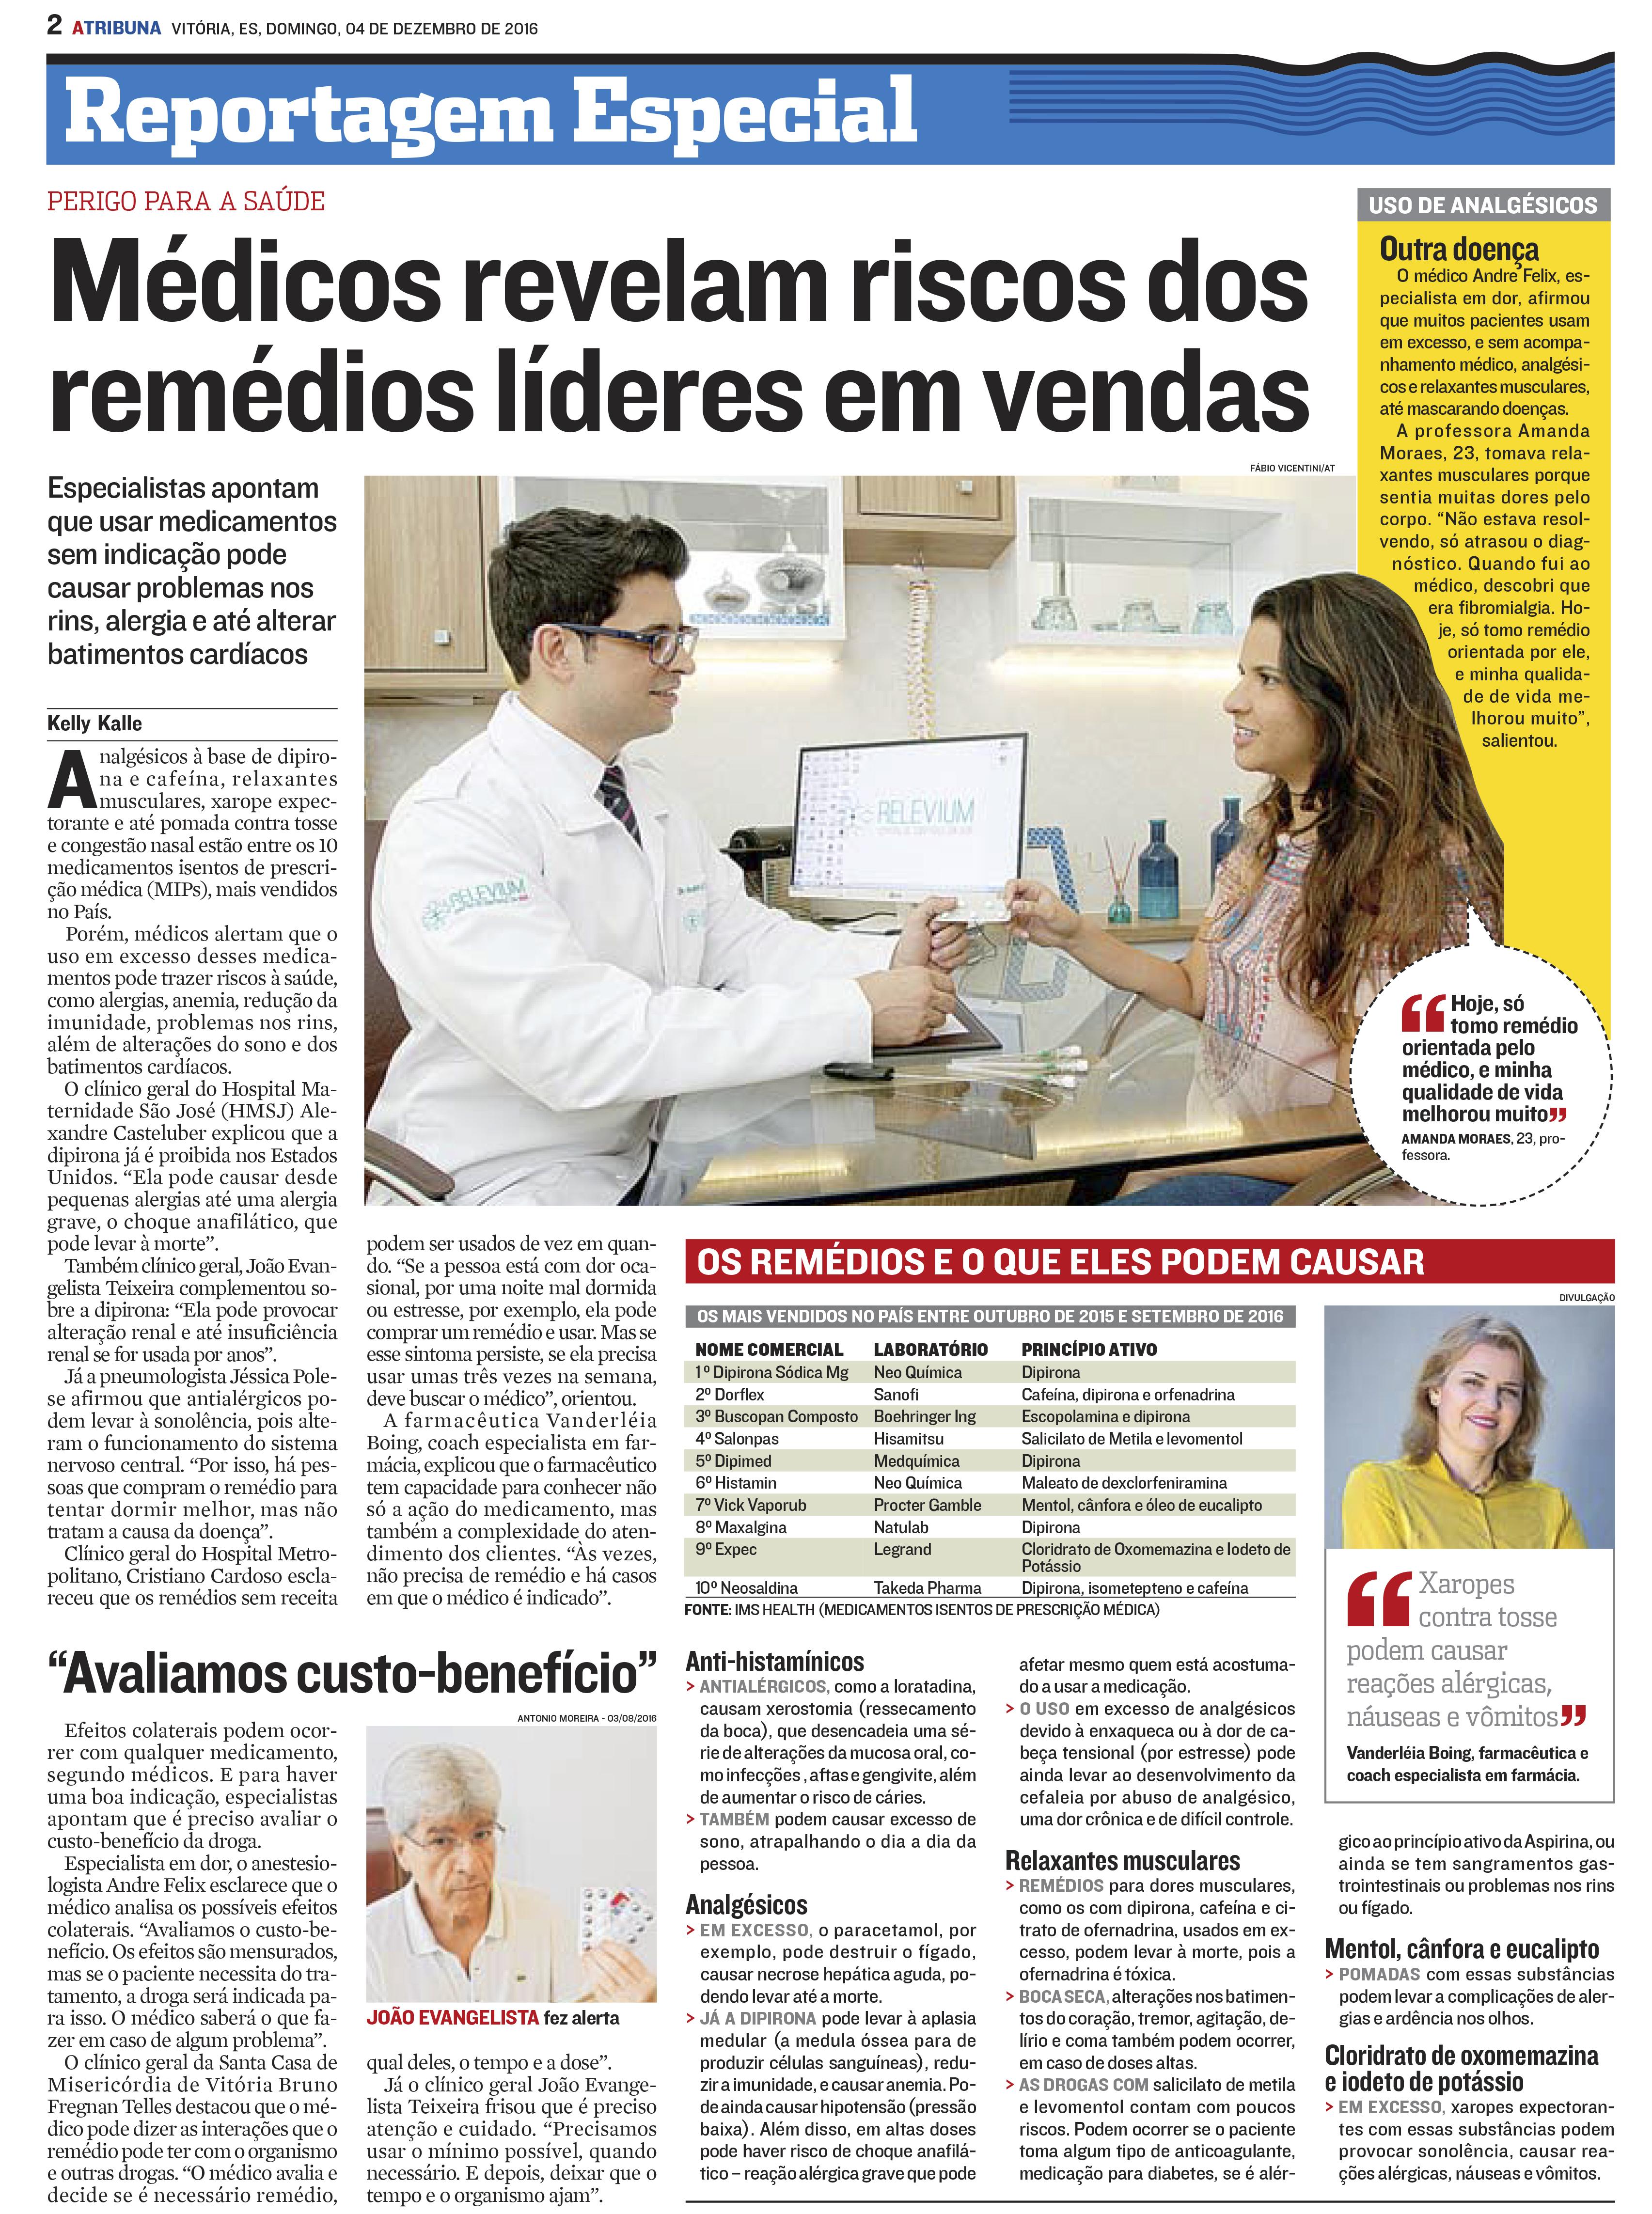 riscos-dos-remedios-lideres-em-vendas